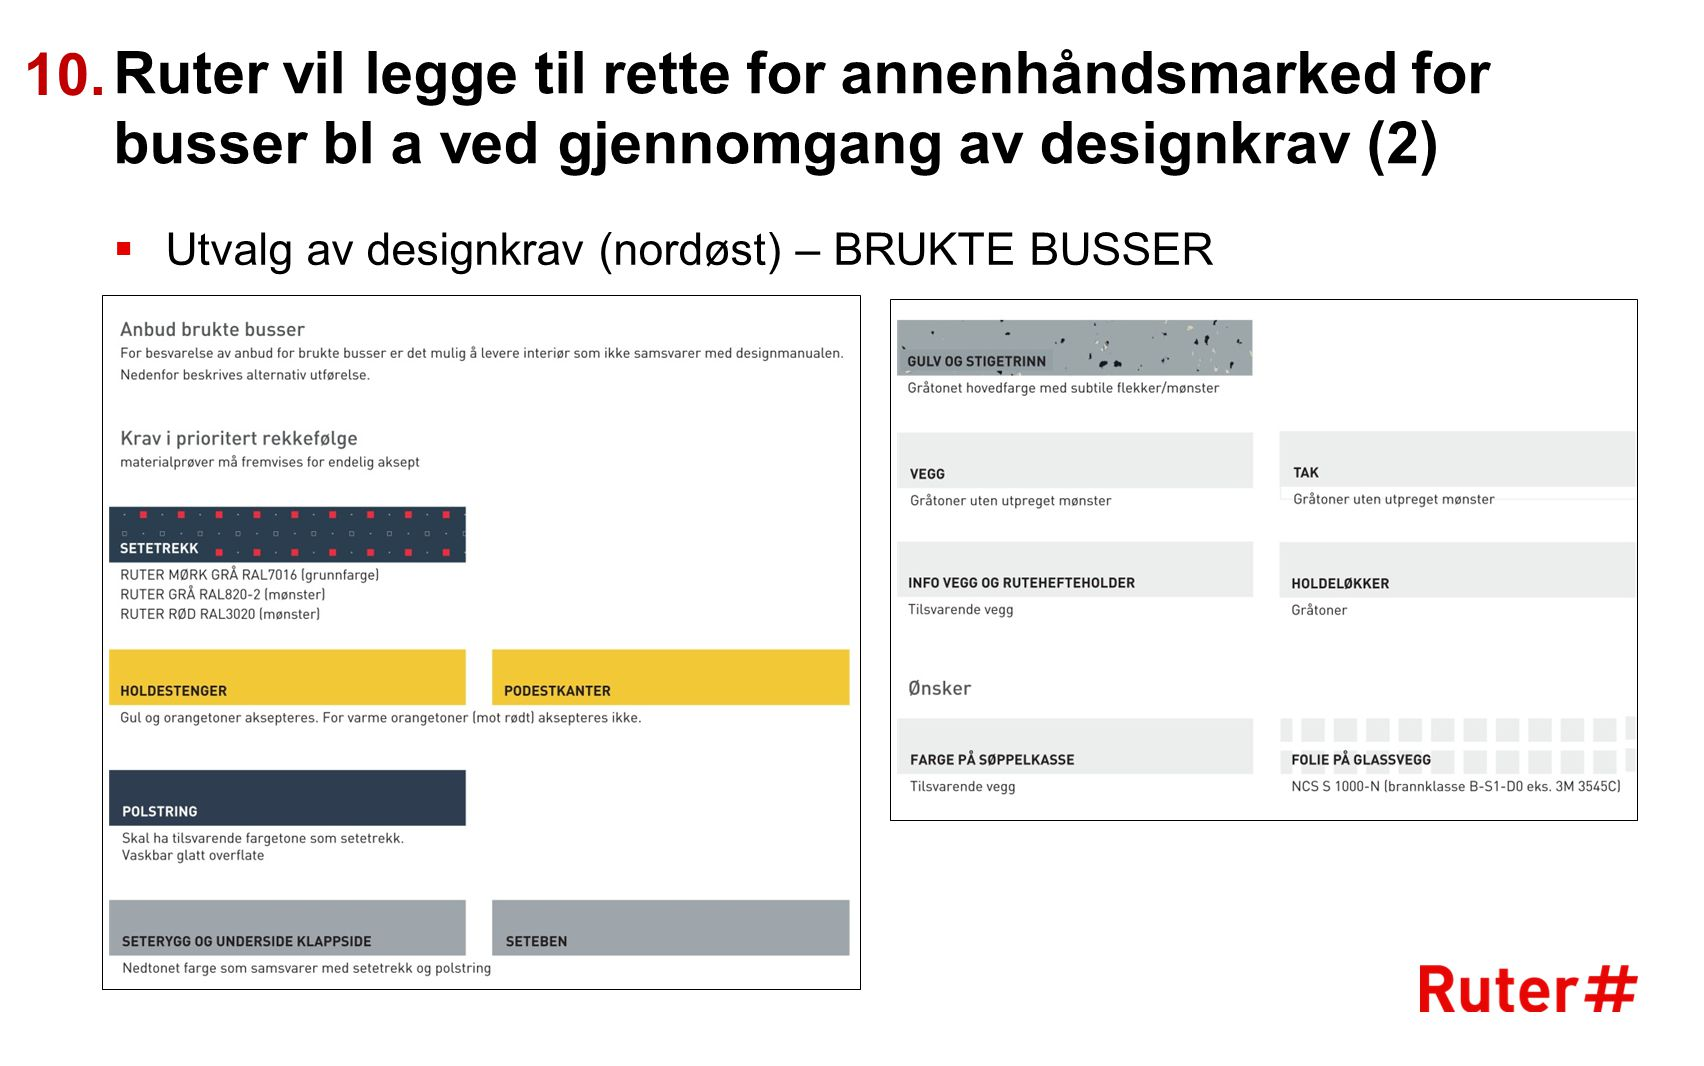 10. Ruter vil legge til rette for annenhåndsmarked for busser bl a ved gjennomgang av designkrav (2)